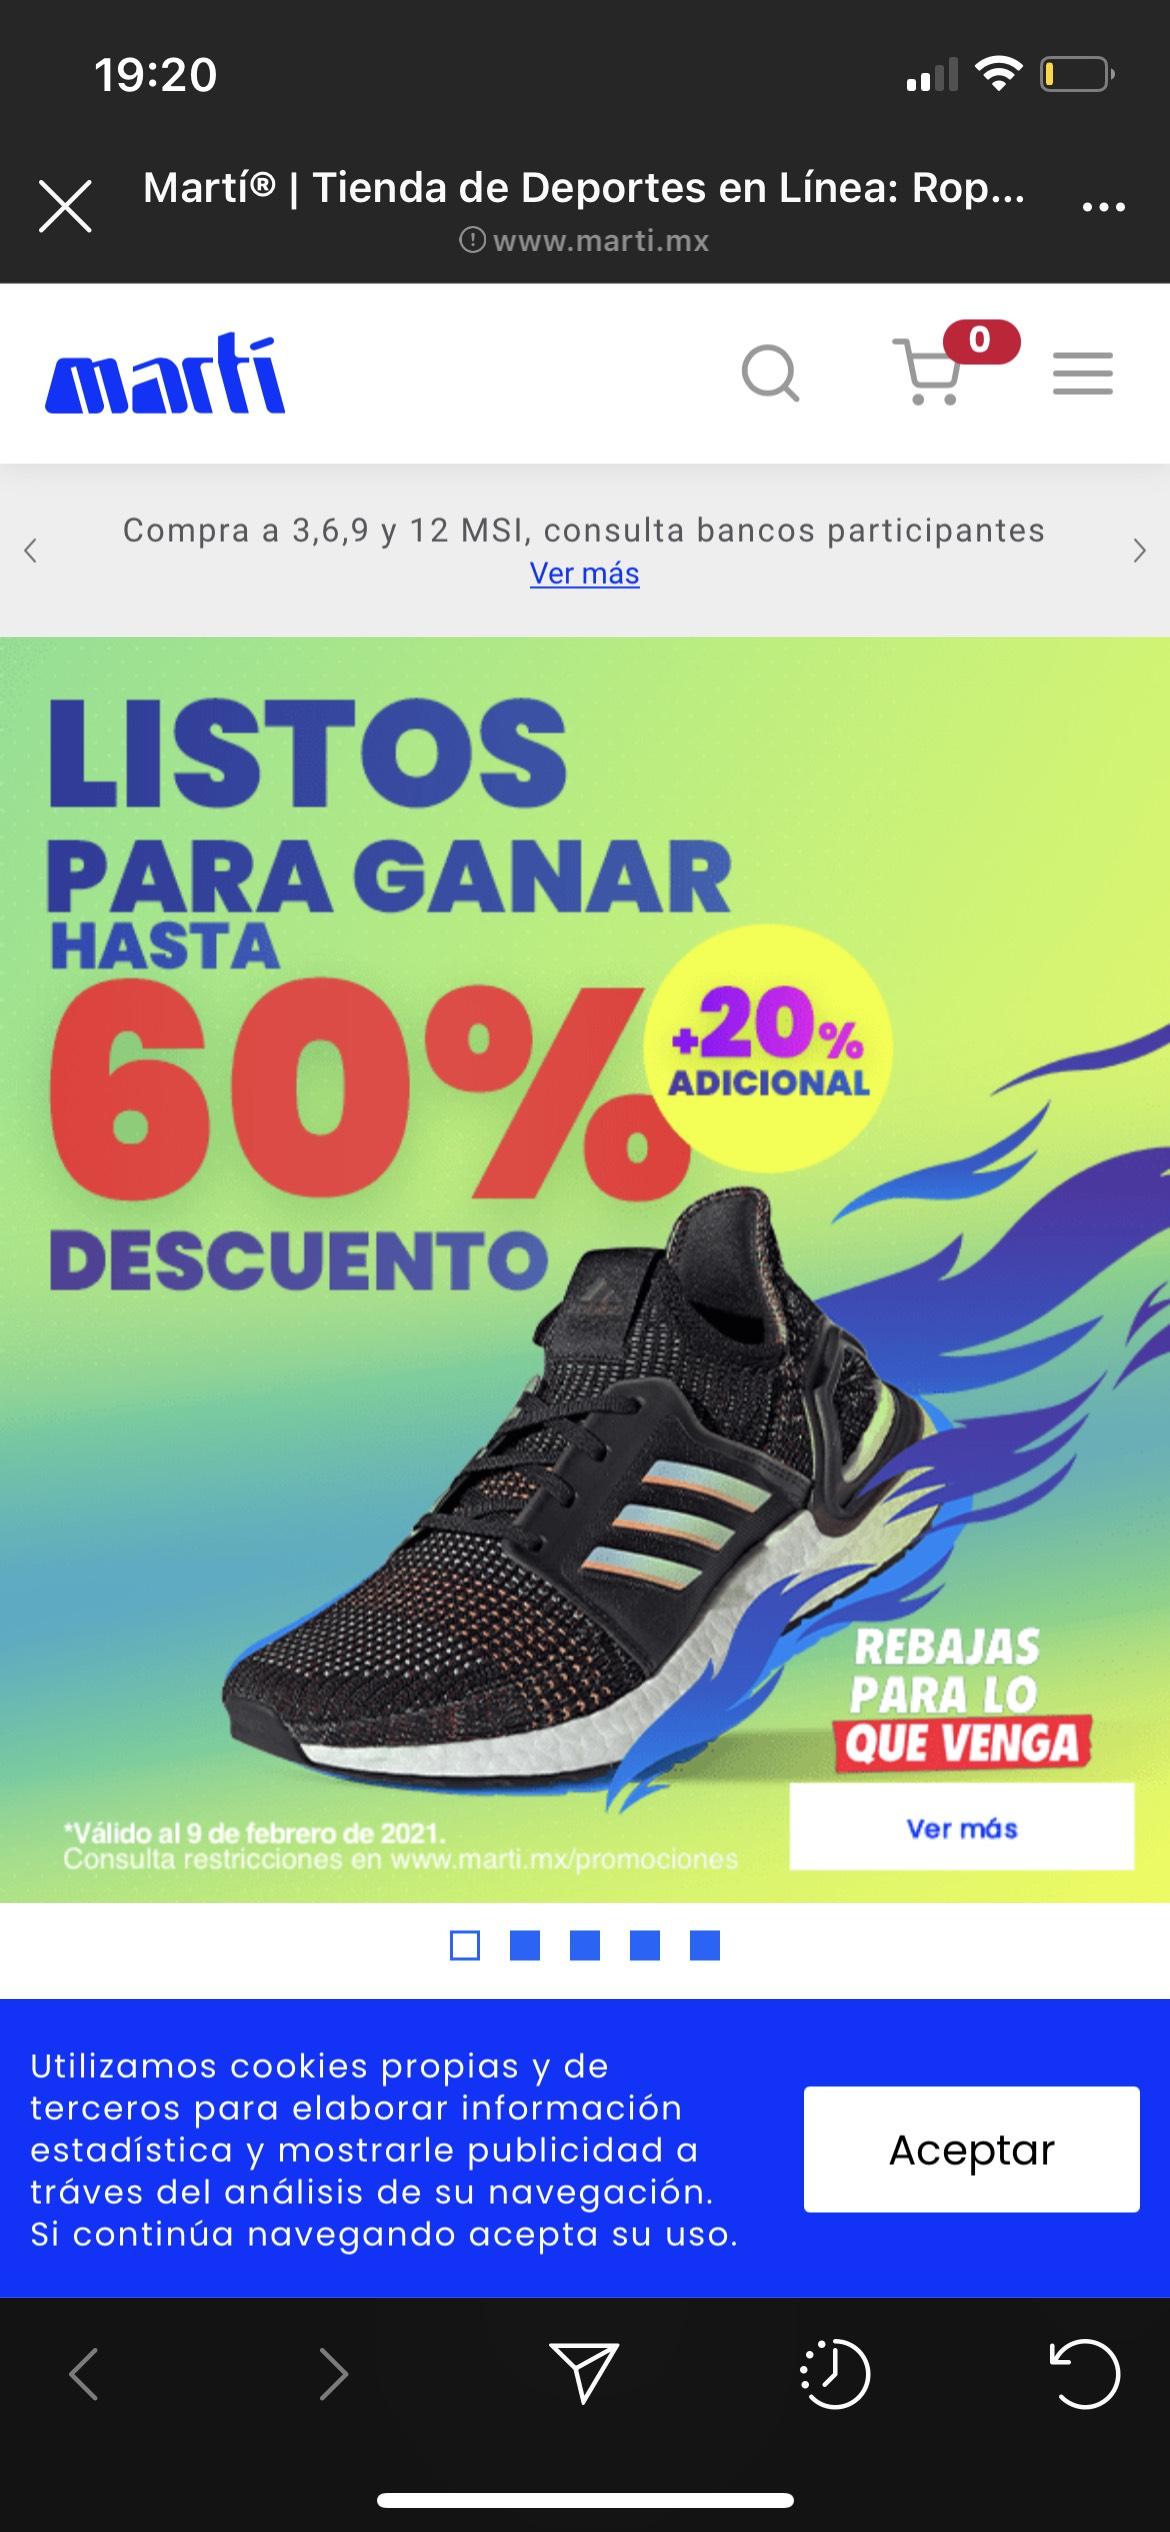 Rebajas Martí varias marcas hasta 50% + 20% adicional